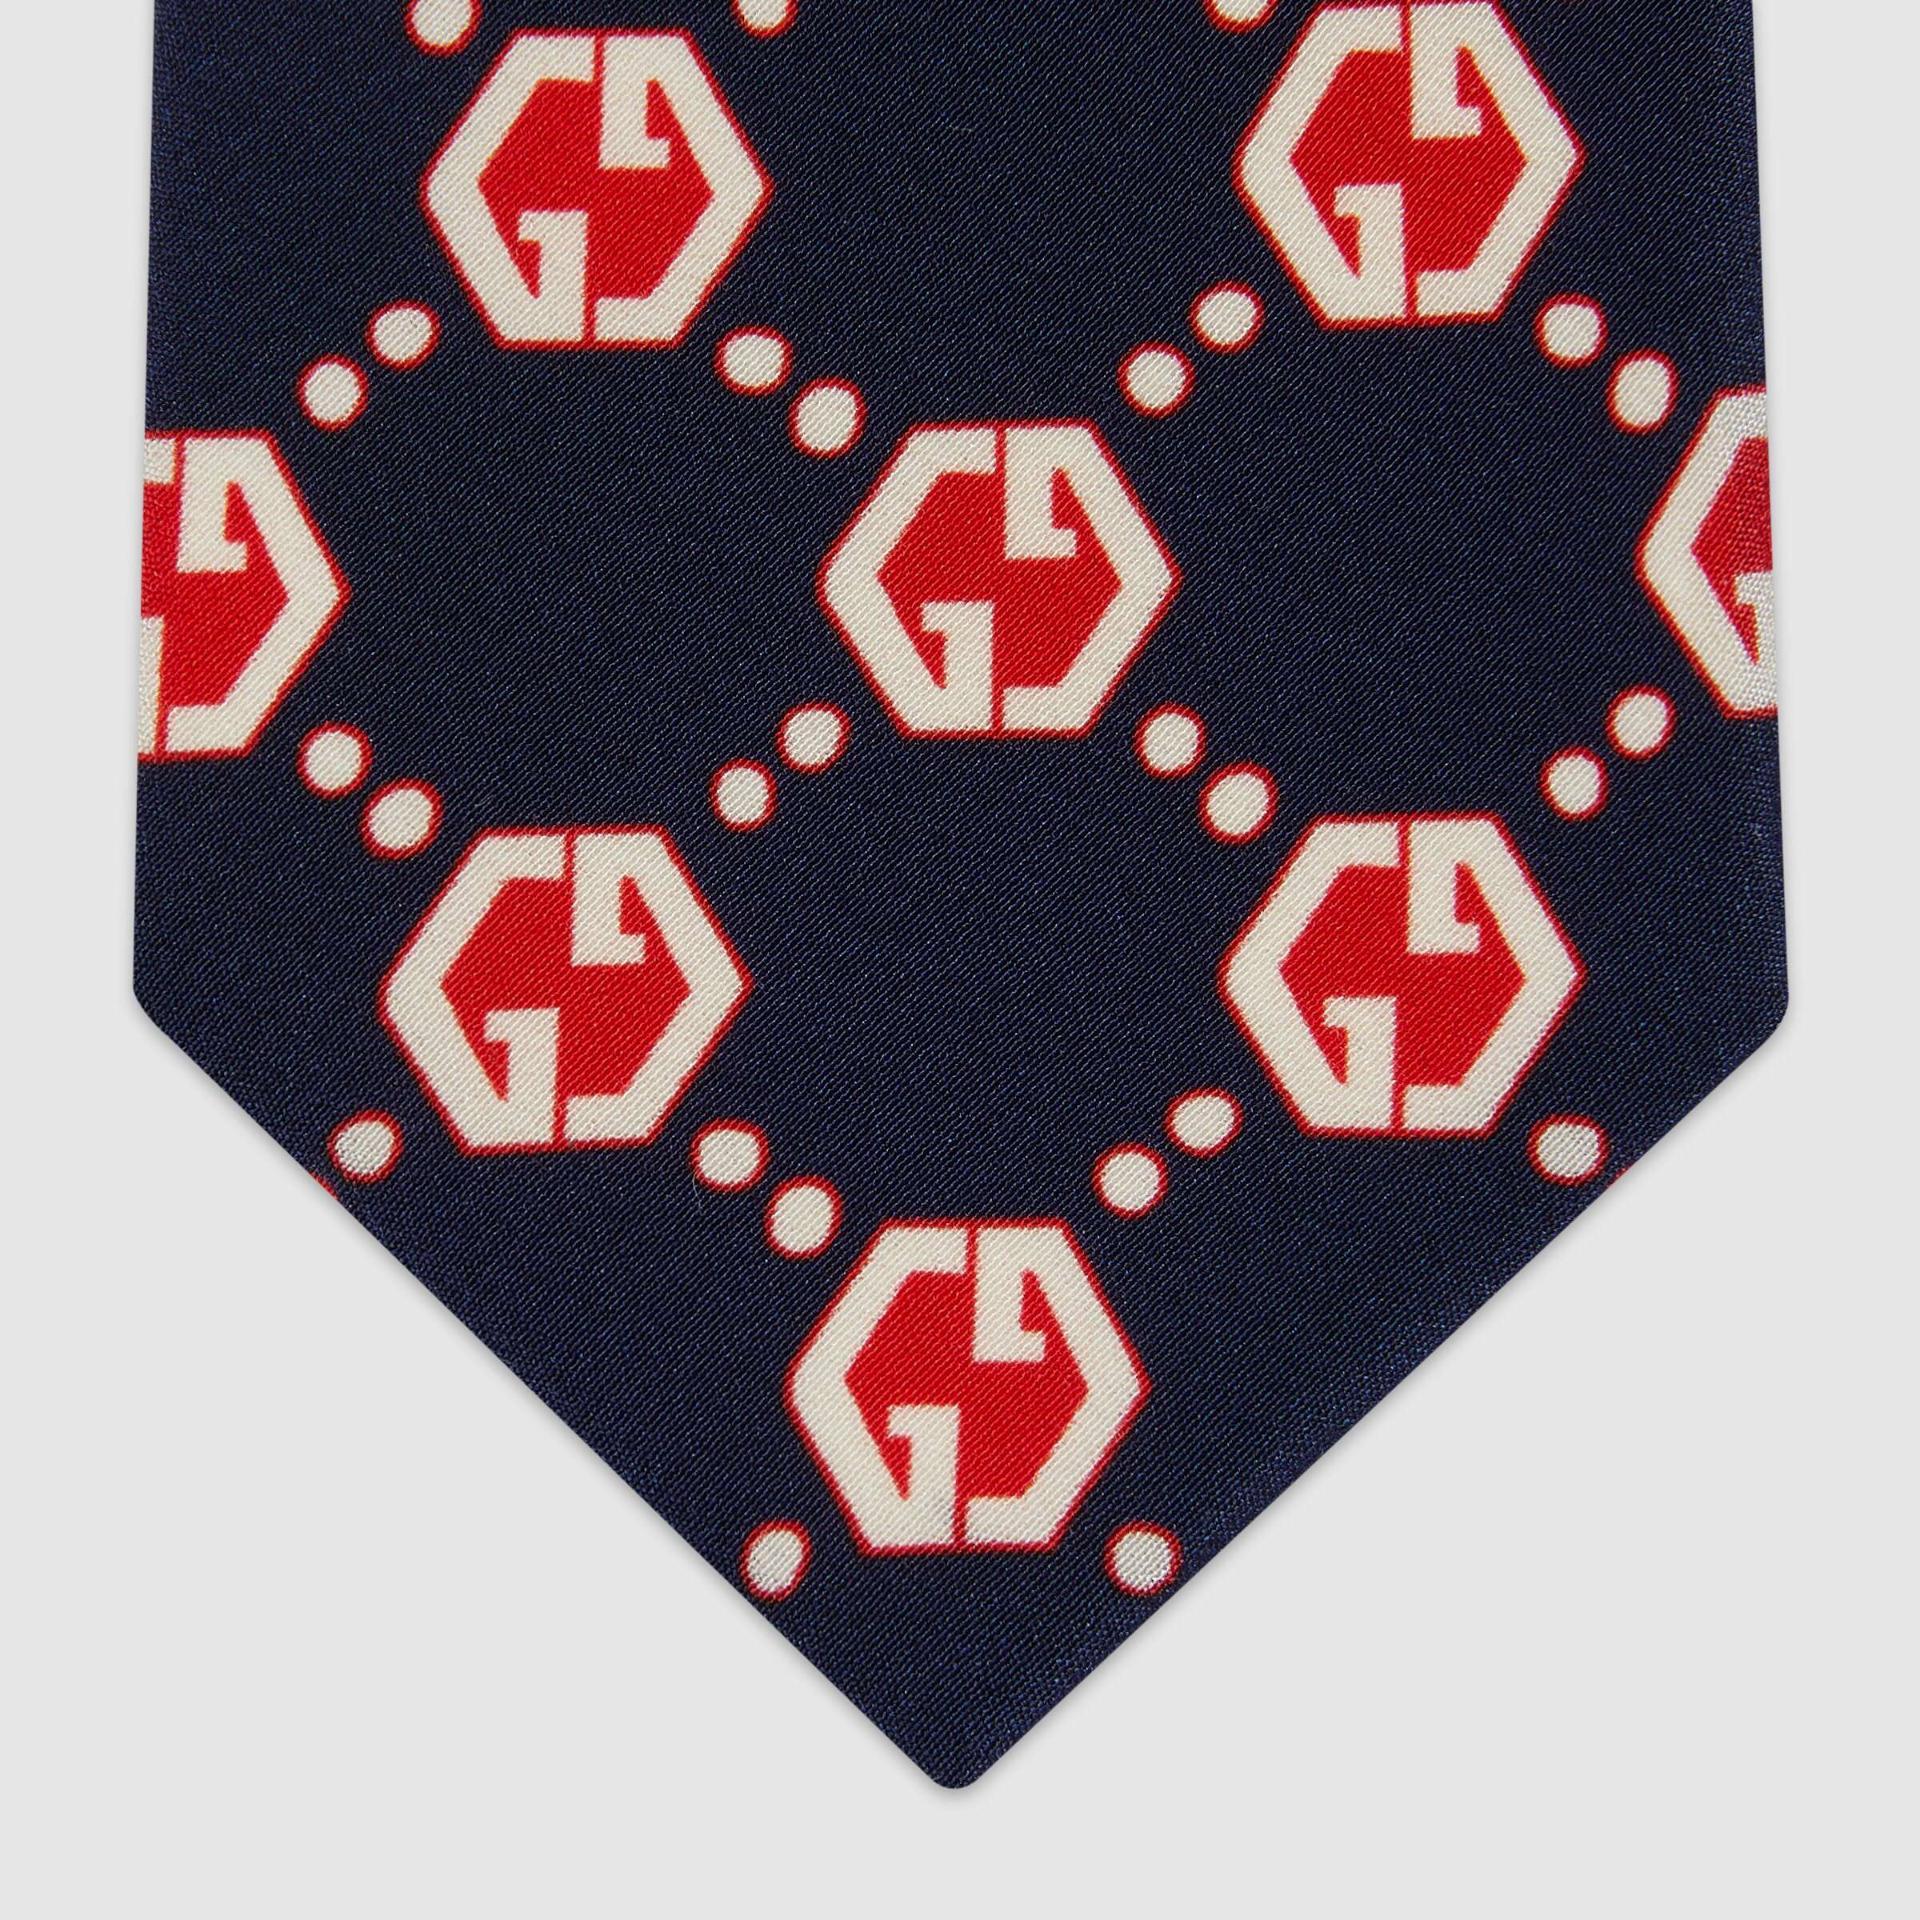 유럽직배송 구찌 GUCCI Gucci GG hexagon print silk tie 6552814E0054174